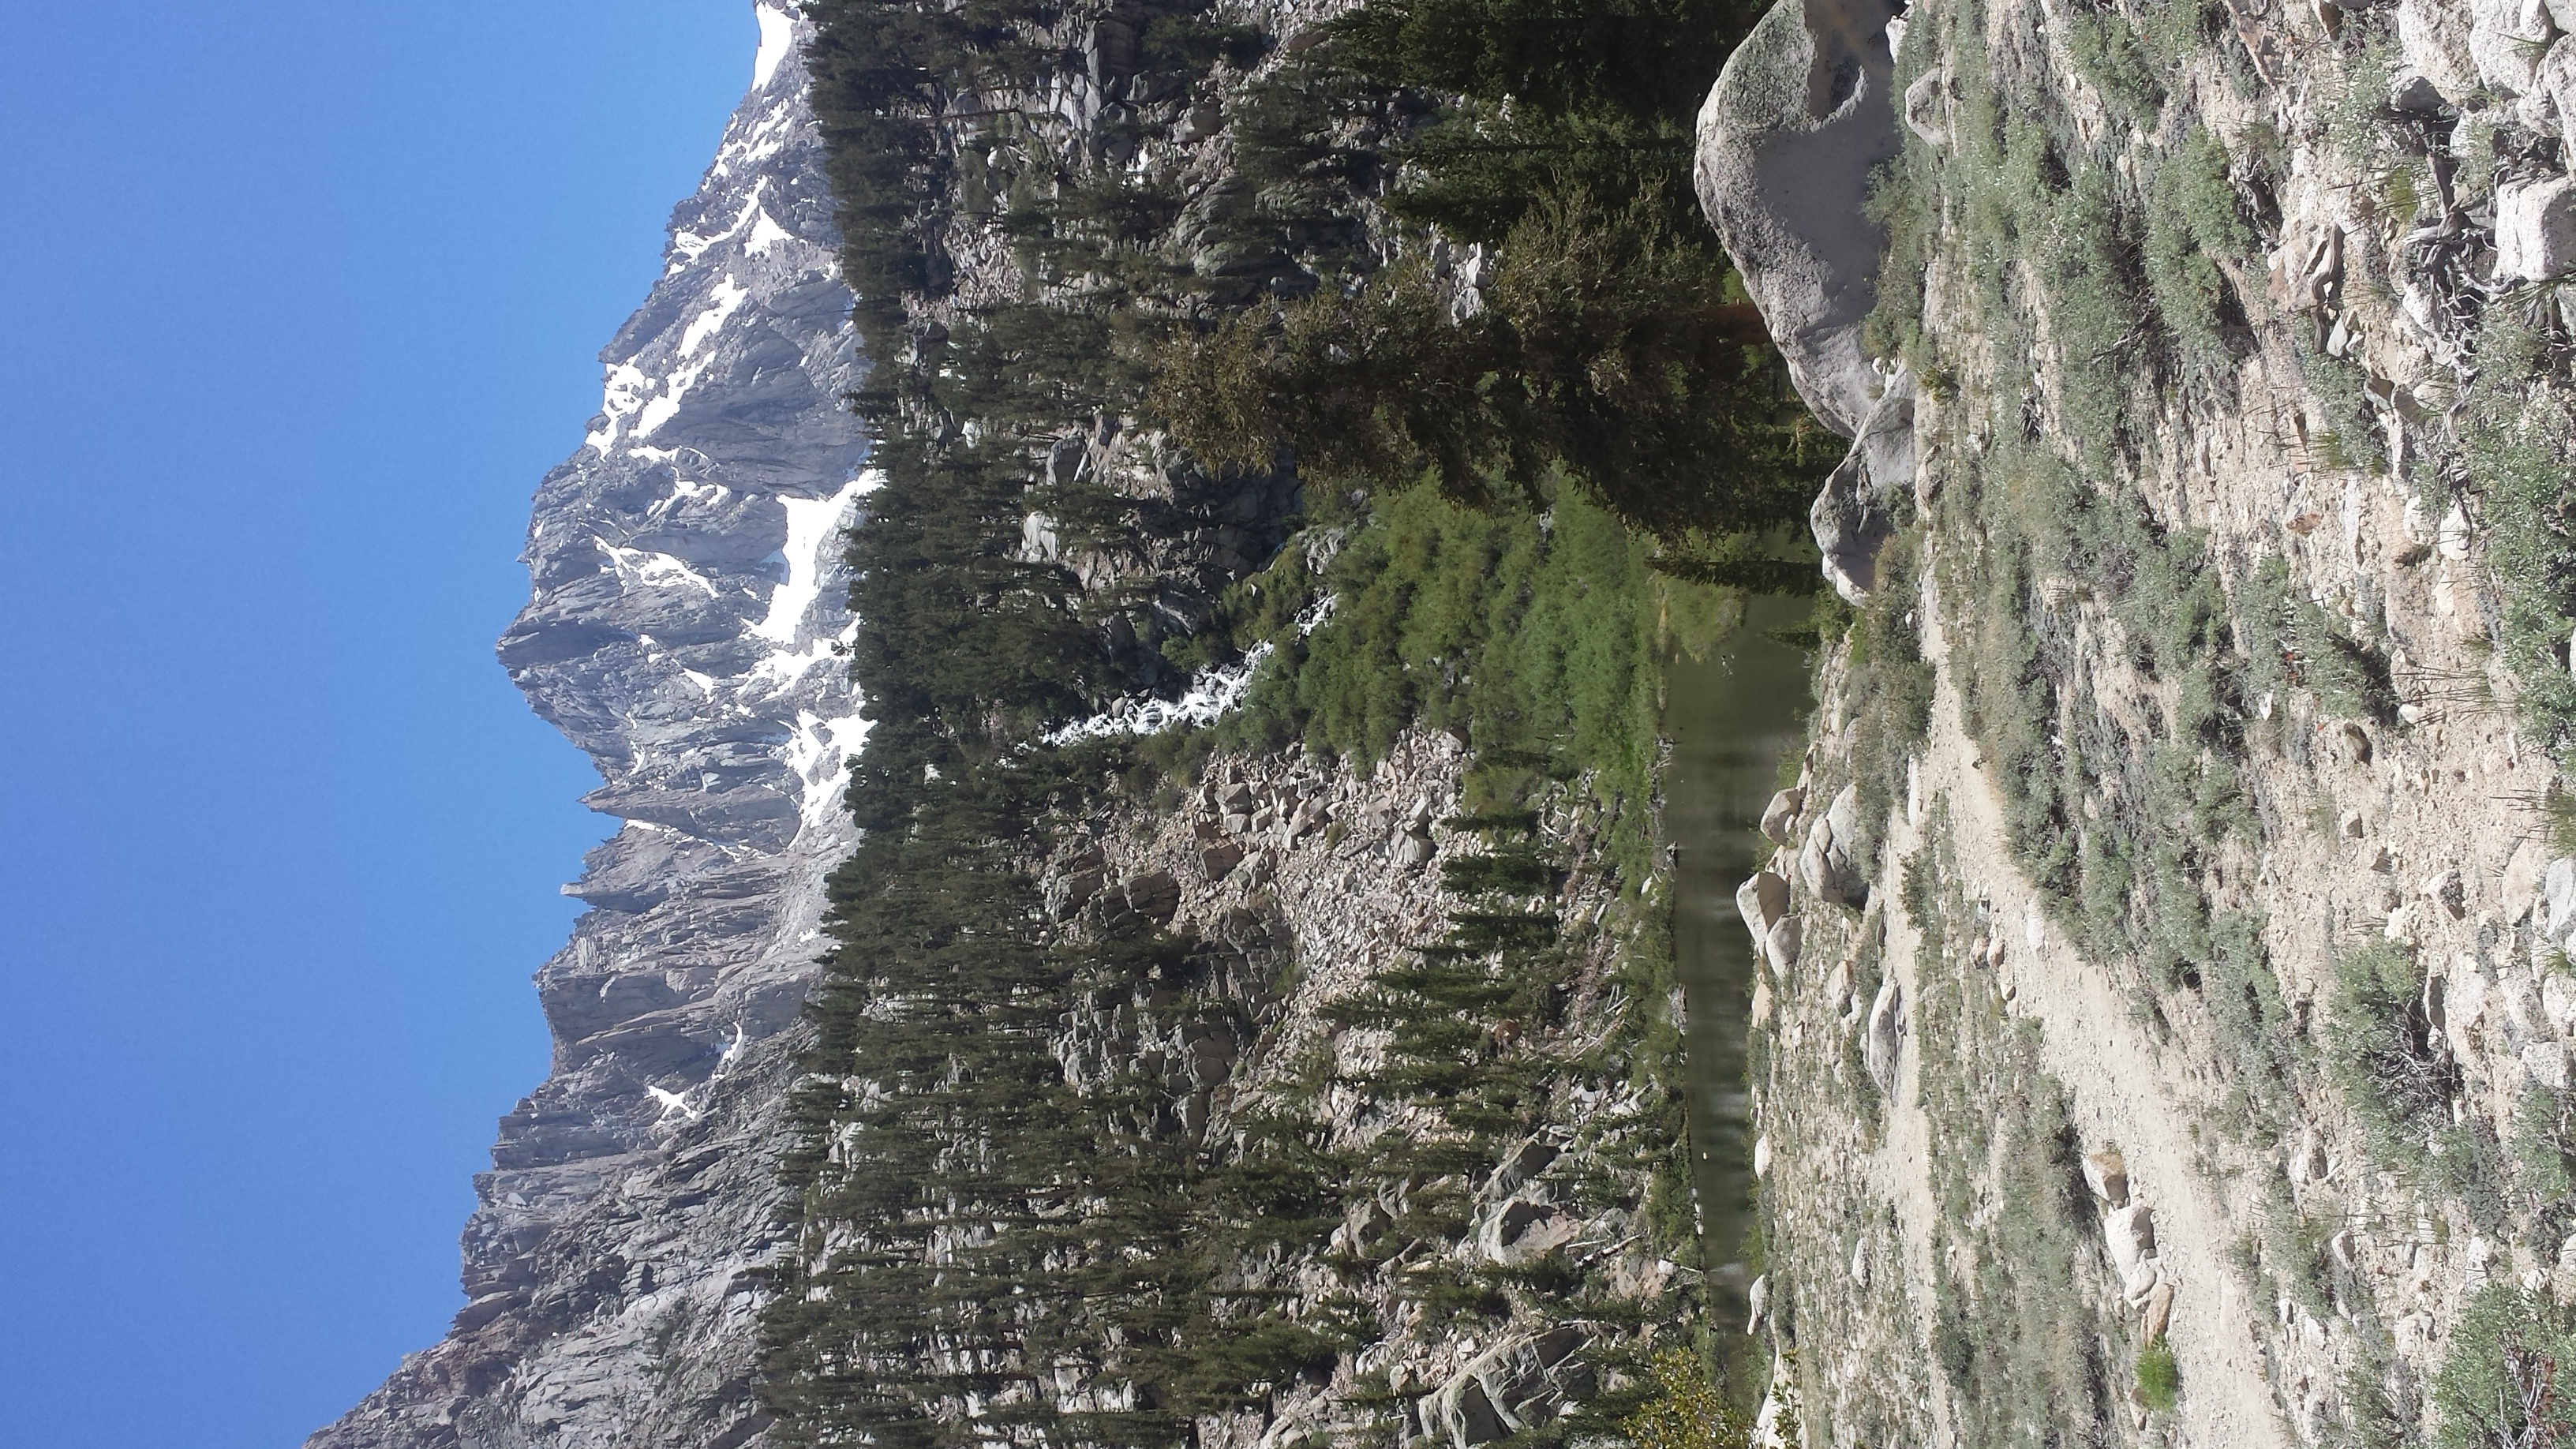 inevitable scenic waterfall